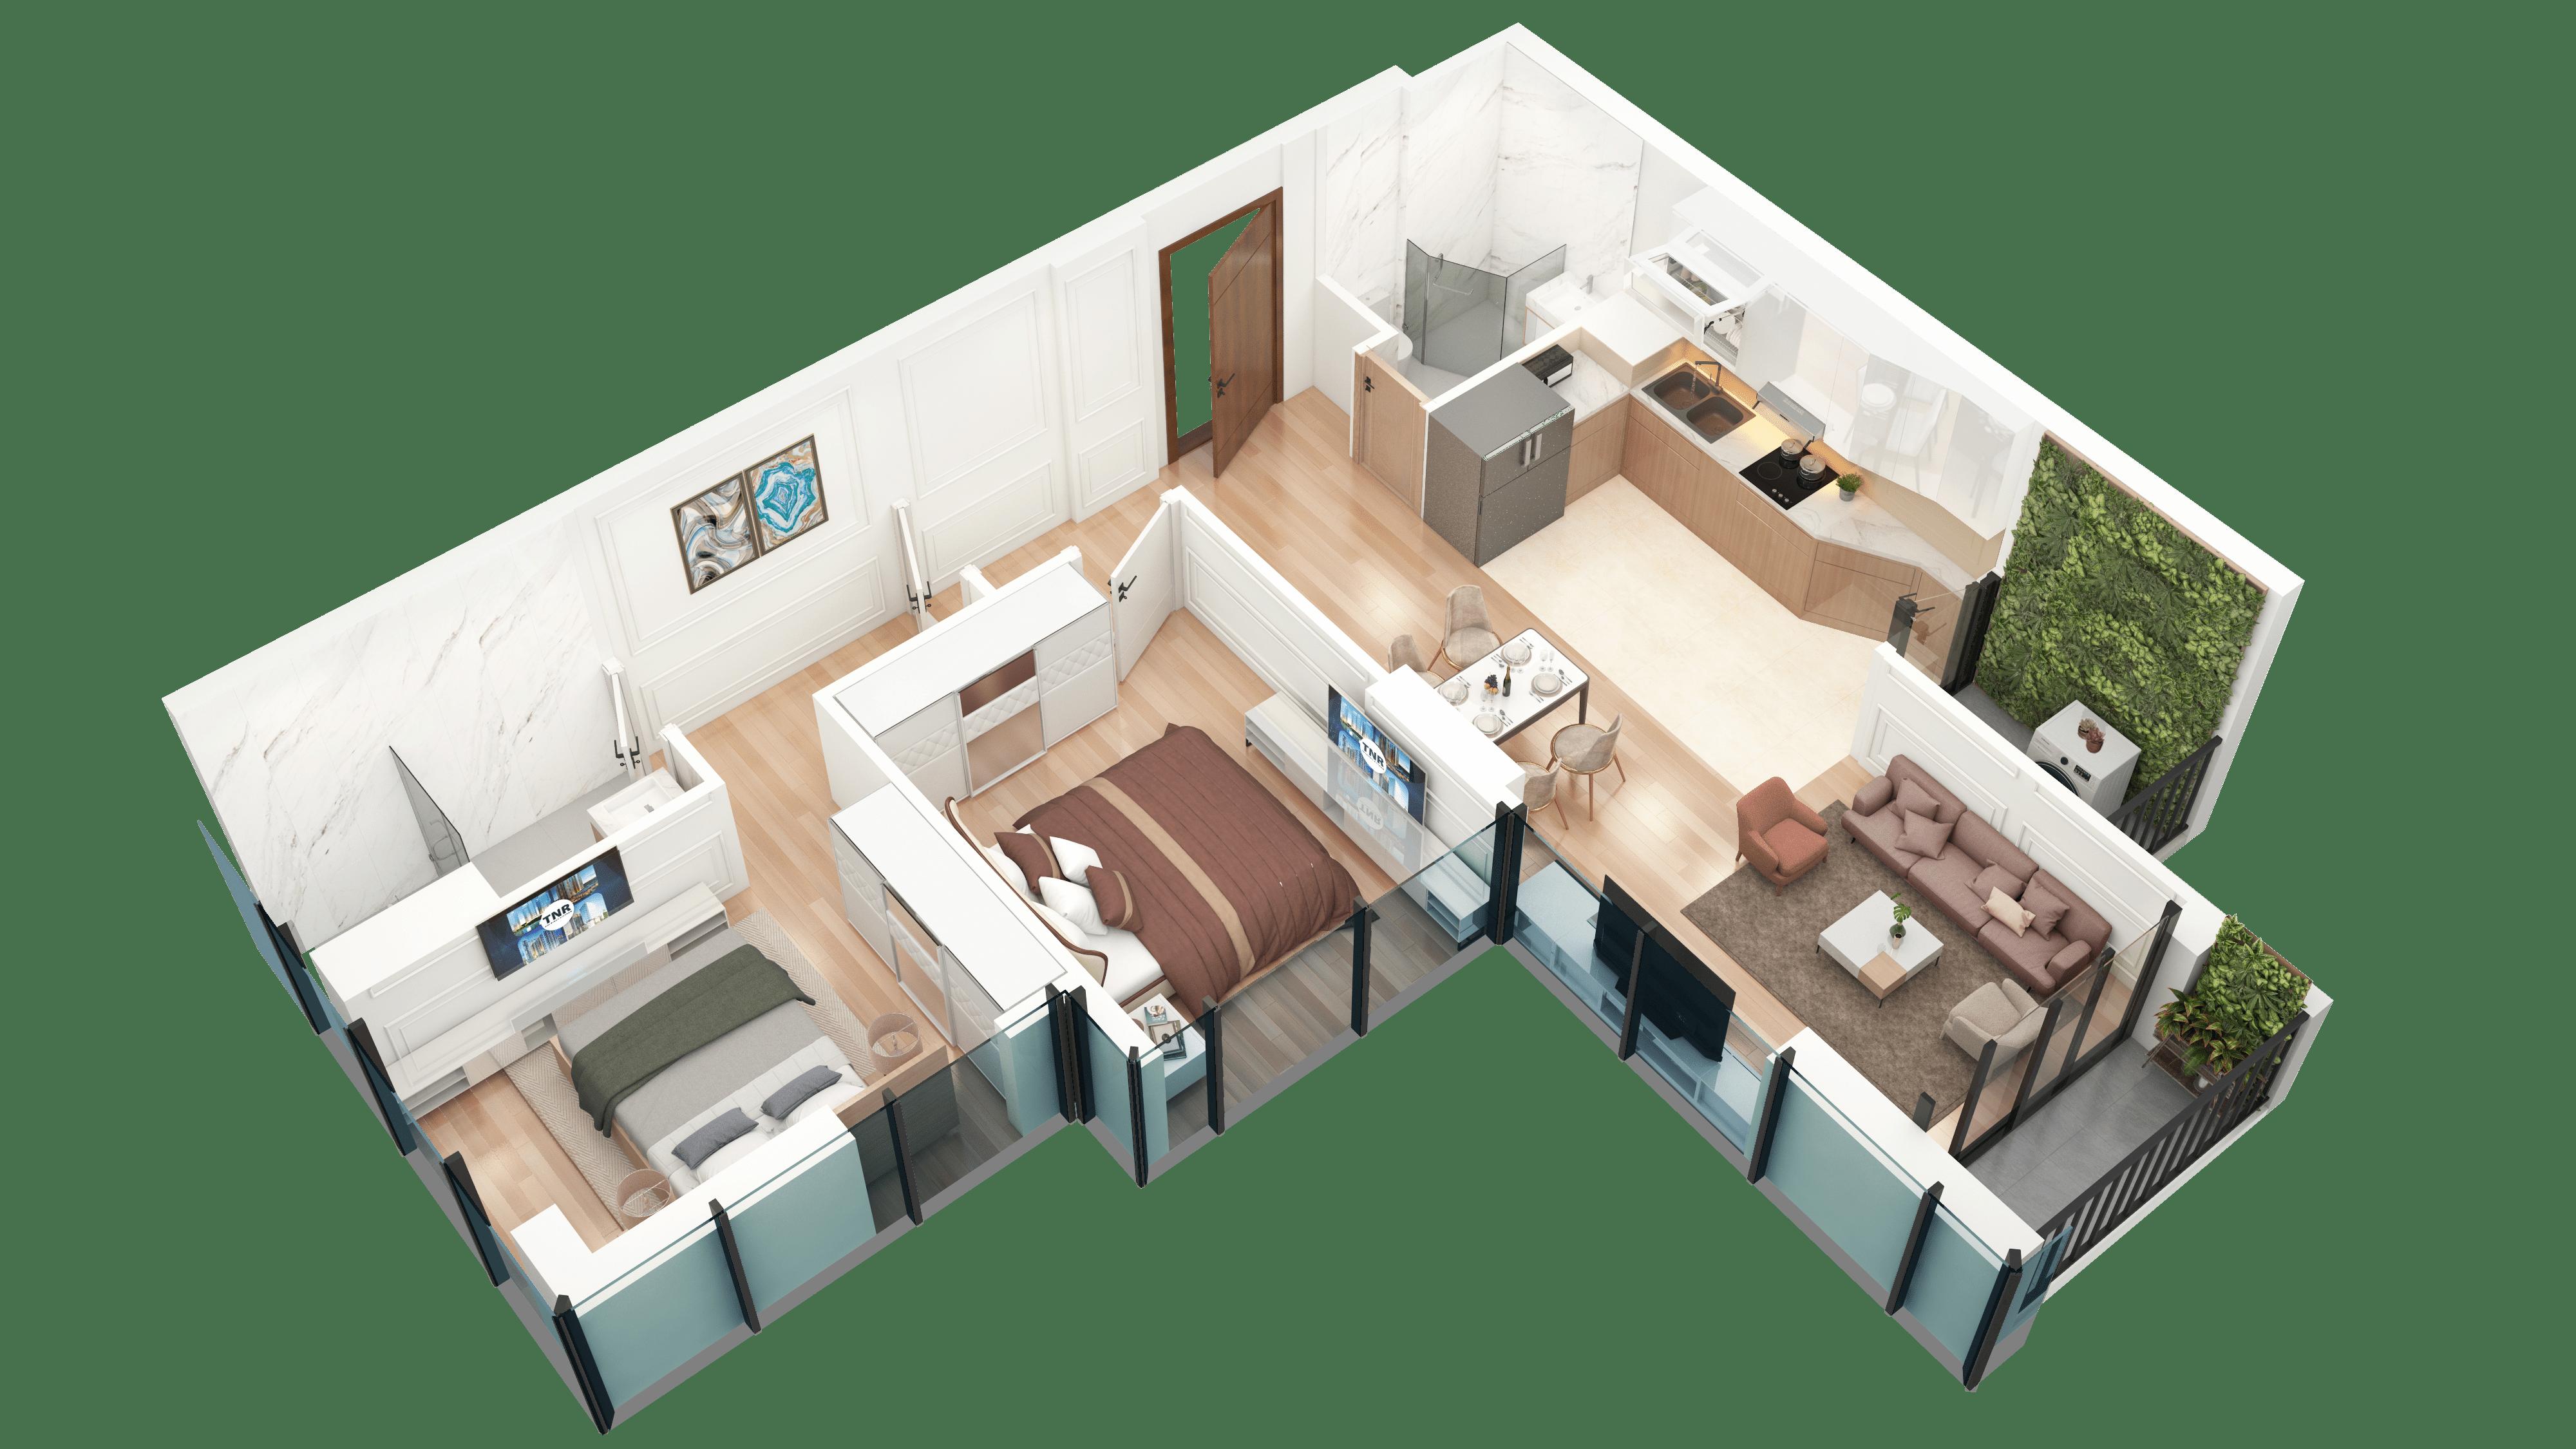 Thiết kế căn hộ 13 chung cư tnr the nosta